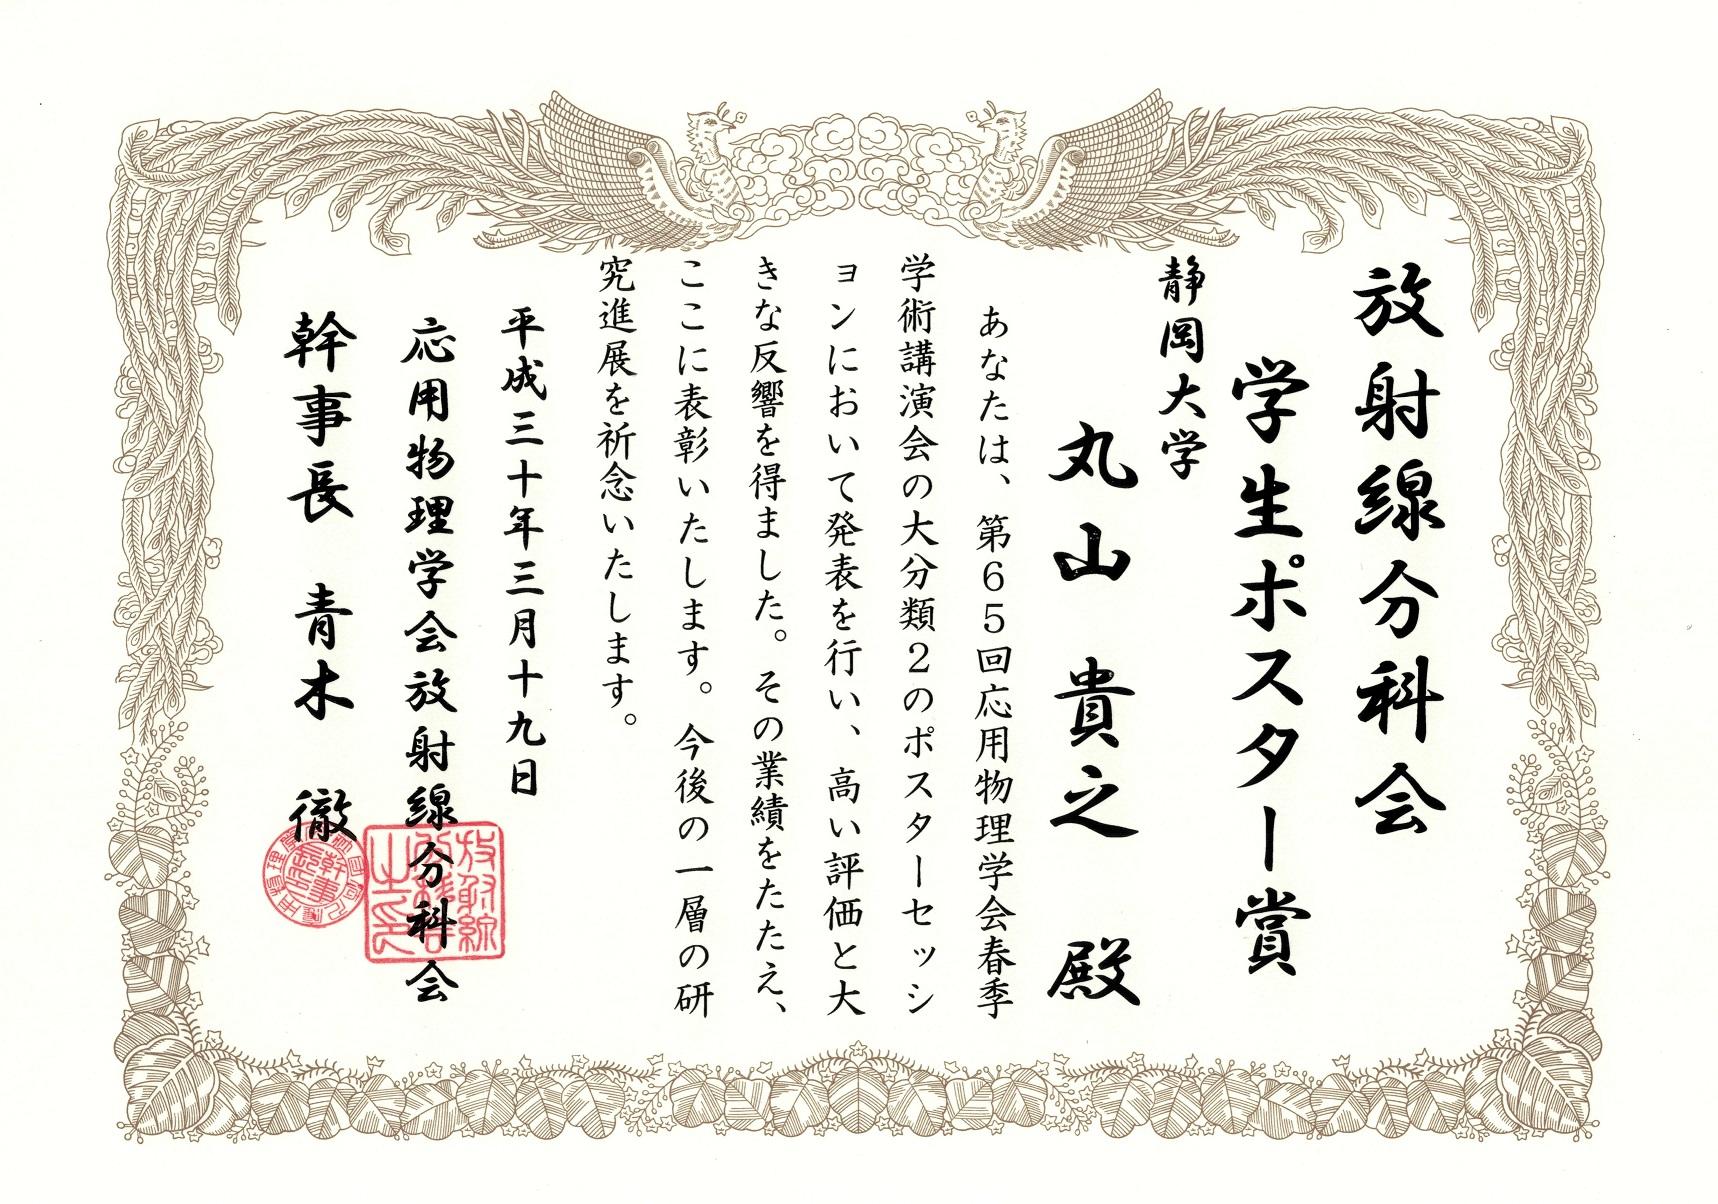 丸山さん 学生ポスター賞受賞